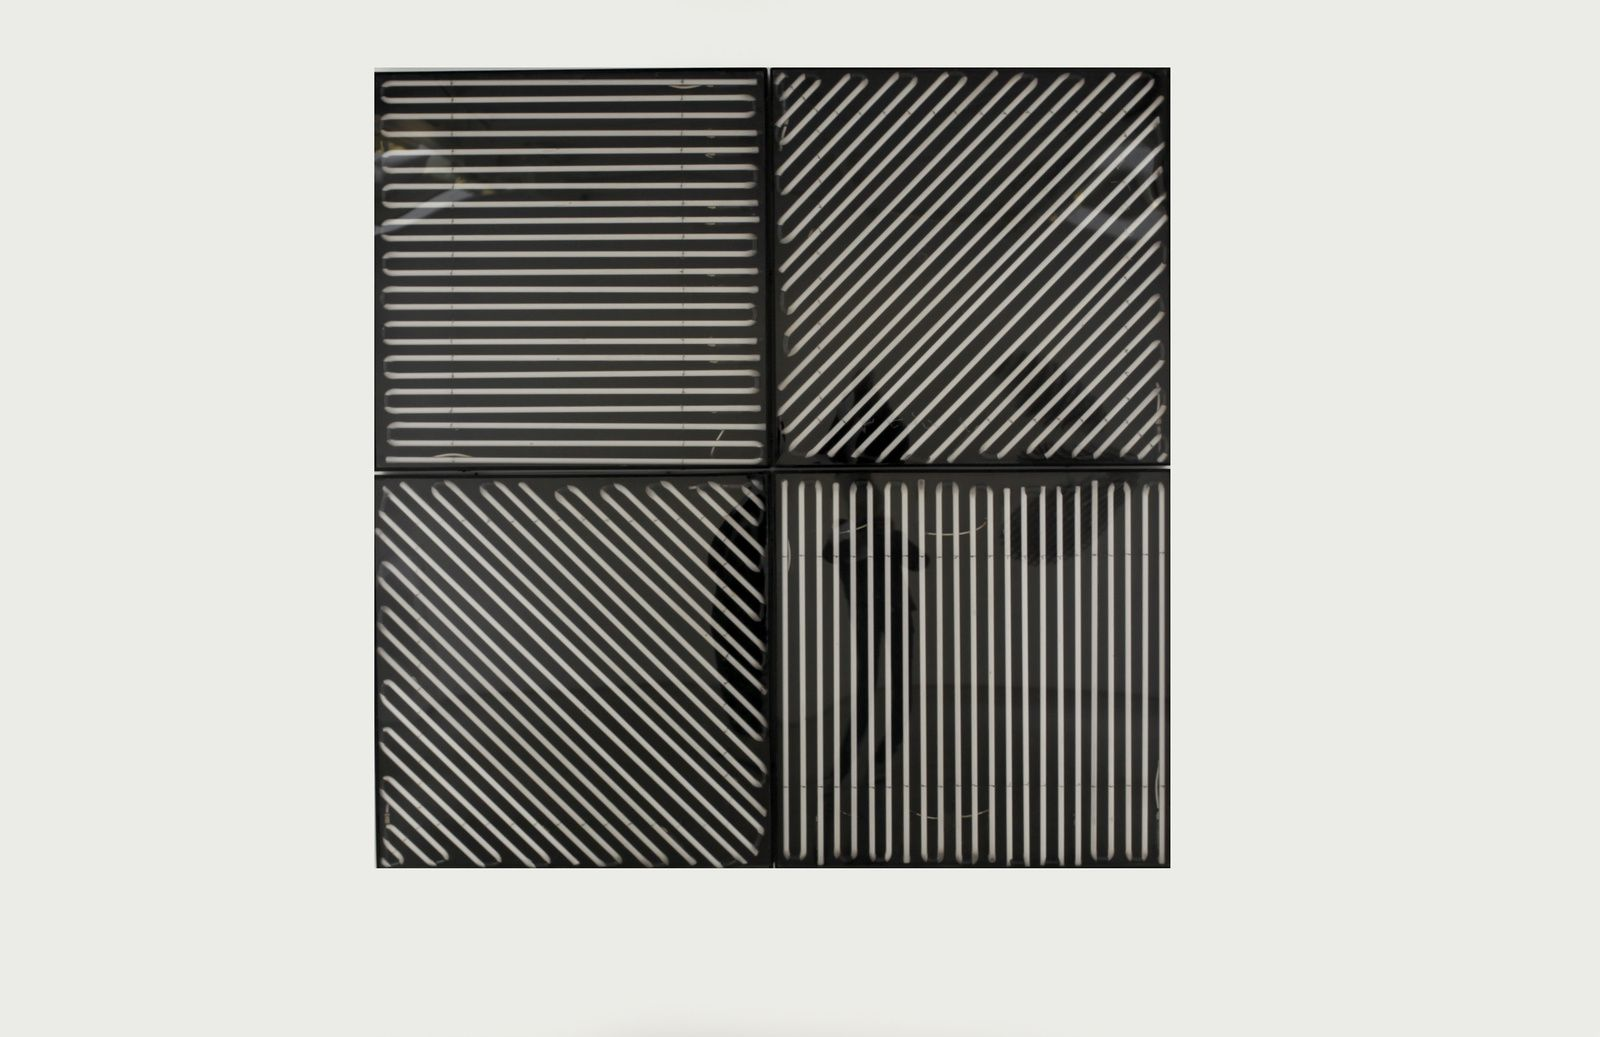 """""""Néon 0°-45°-90°-135° avec 4 rythmes interférents"""", 1963 de François MORELLET - Courtesy Galerie Kamel MENNOUR © Photo Éric Simon"""